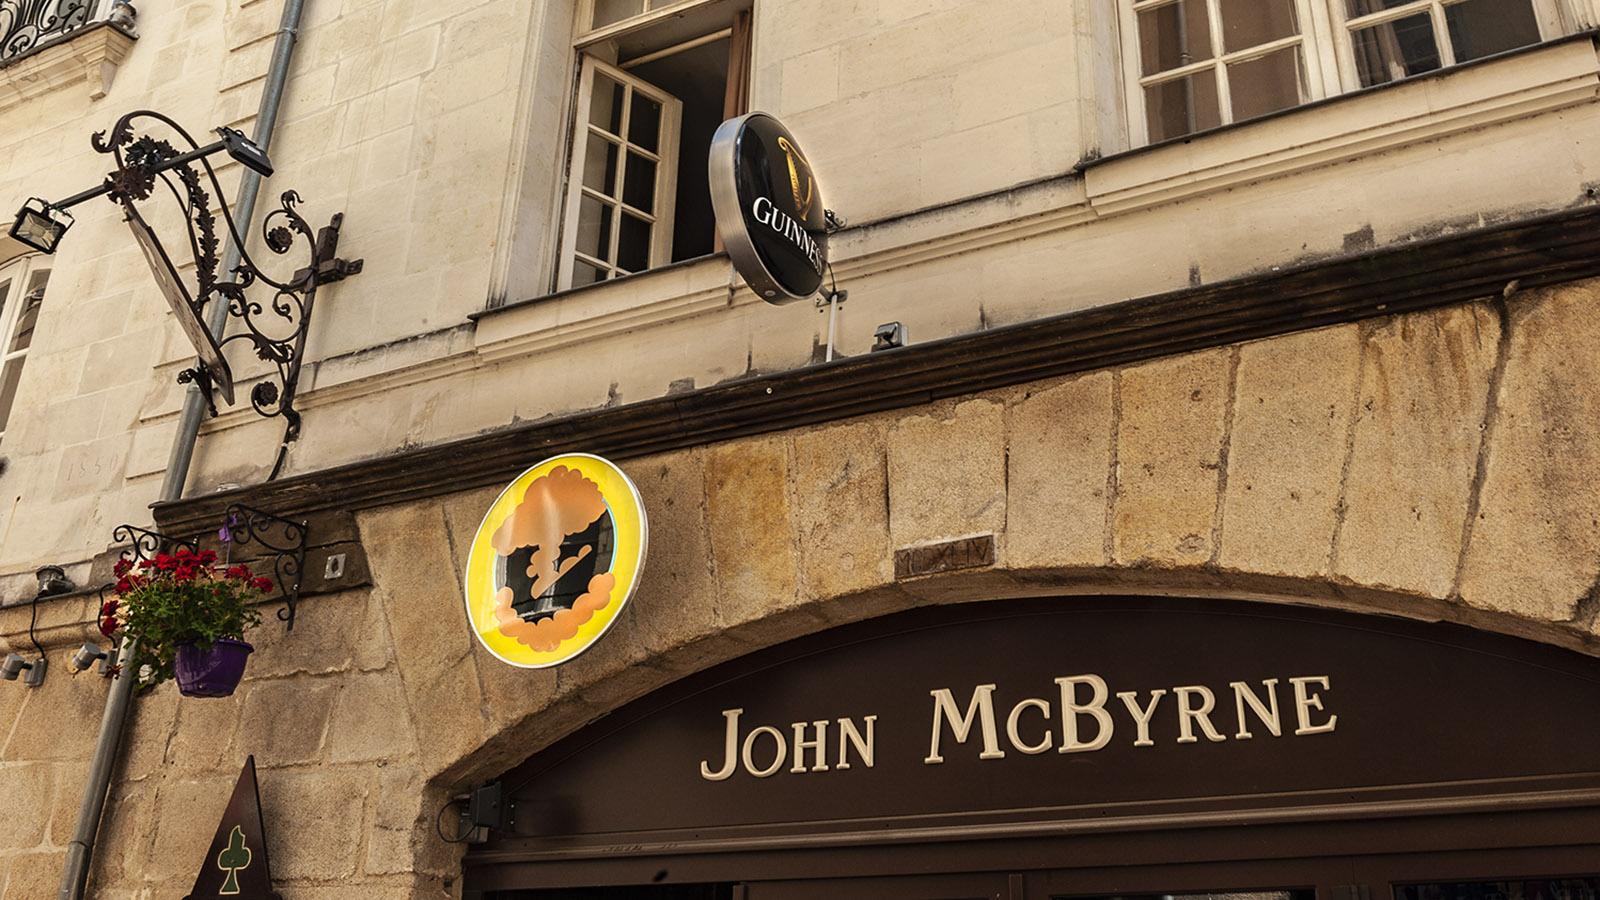 Voyage à Nantes: Guinness-Ladenschild einesKünstlers. Foto: Hilke Maunder